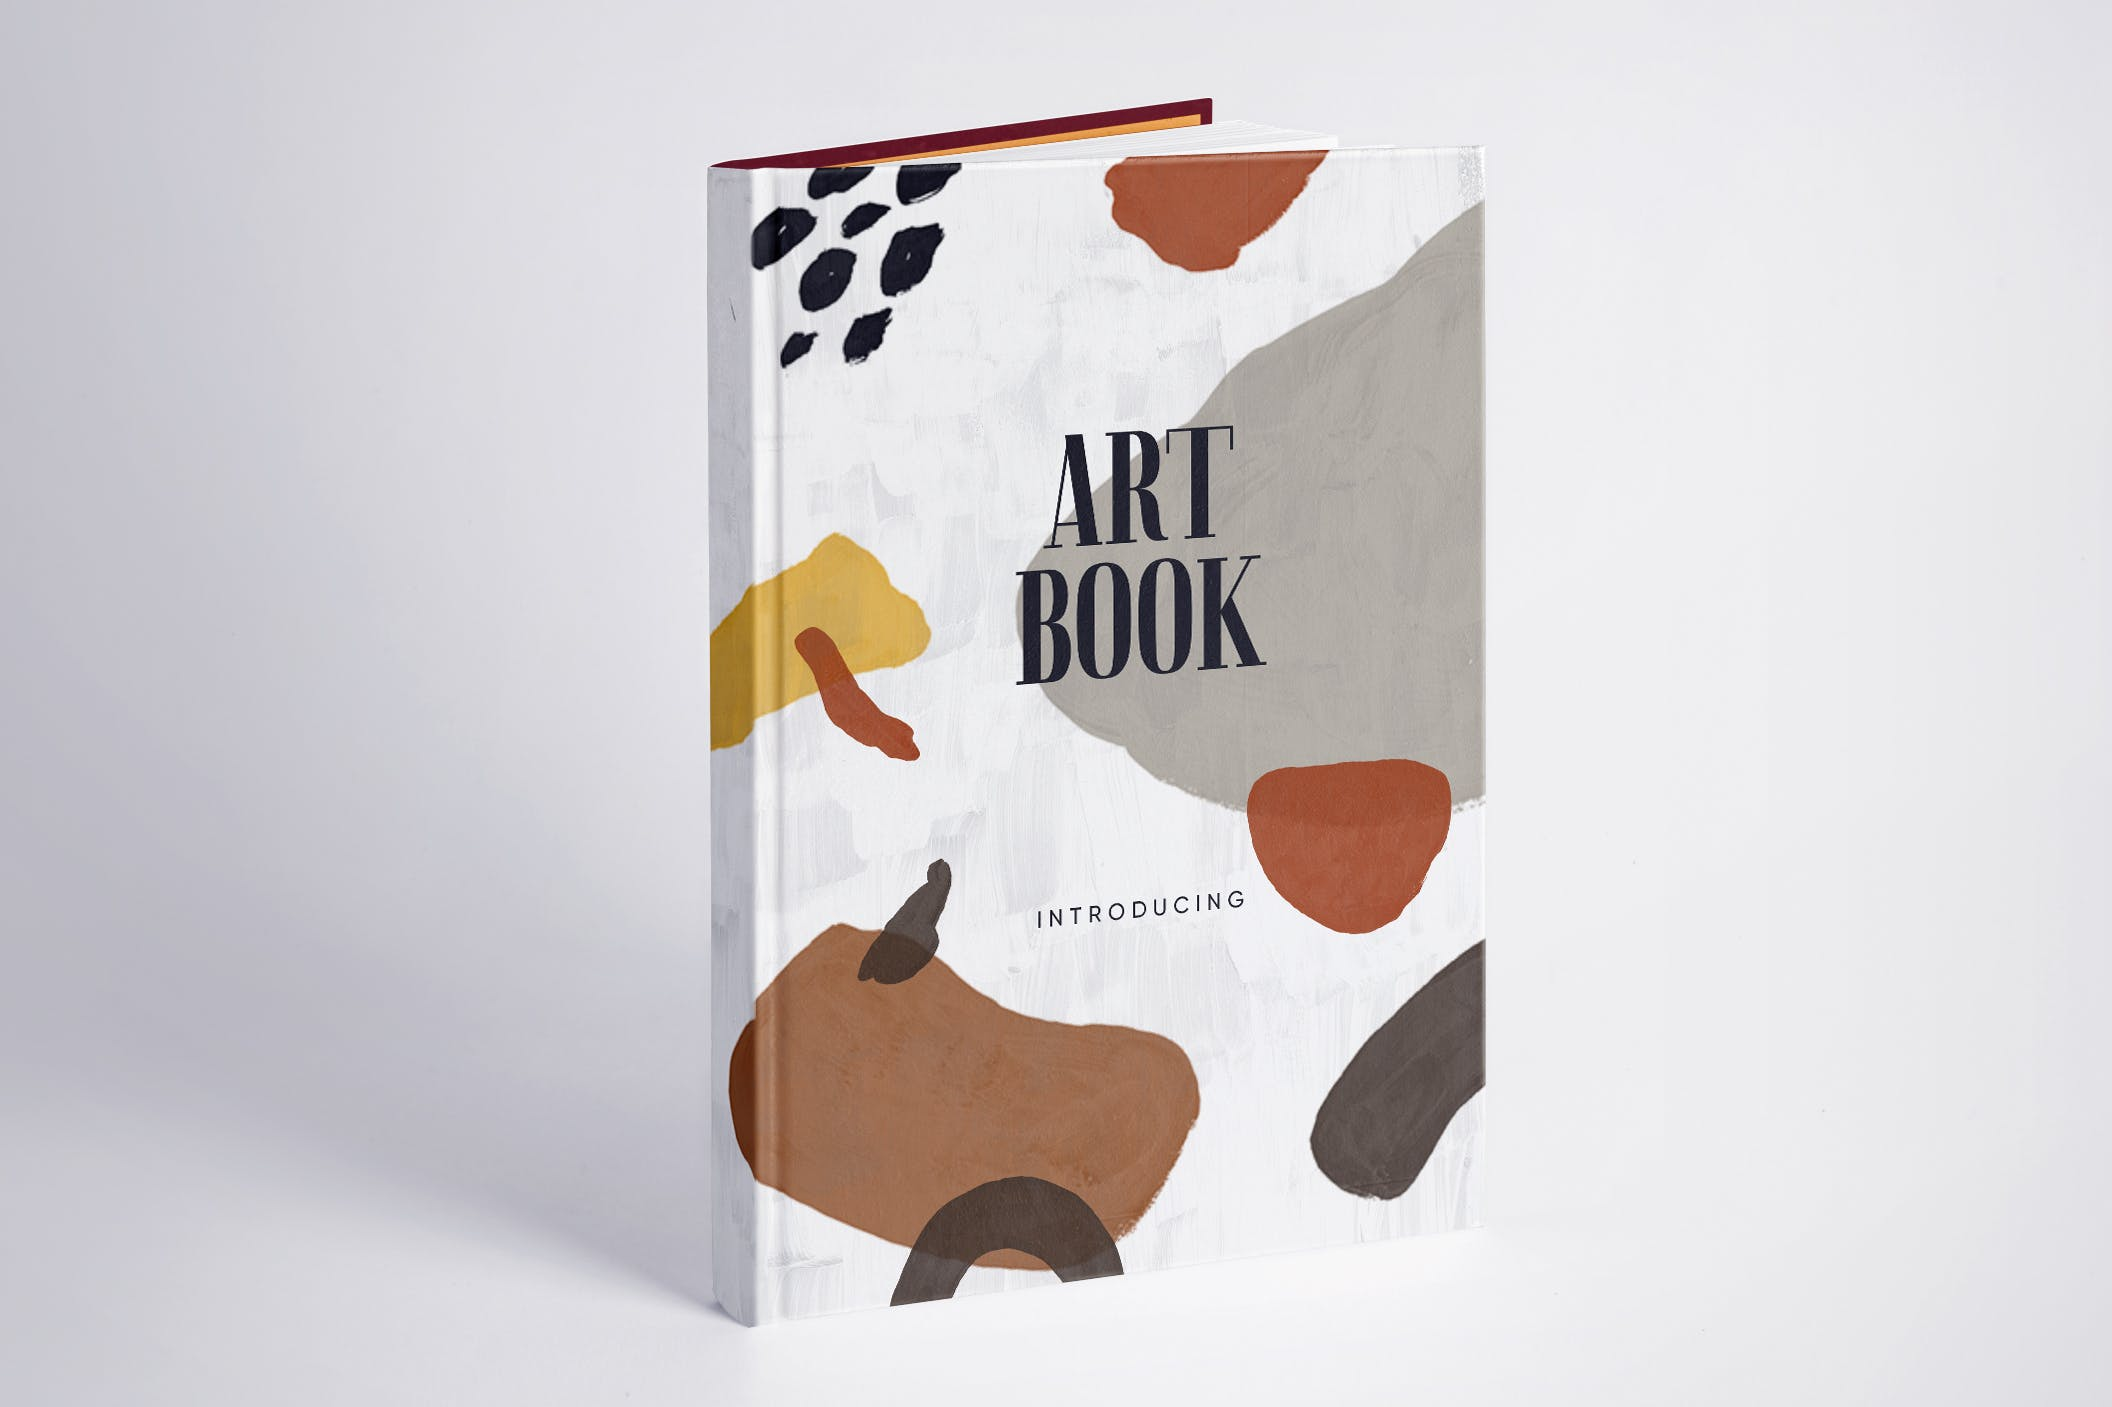 64款高清手绘抽象墨水飞溅背景PNG图片素材 Abstract Patterns & Backs插图(4)